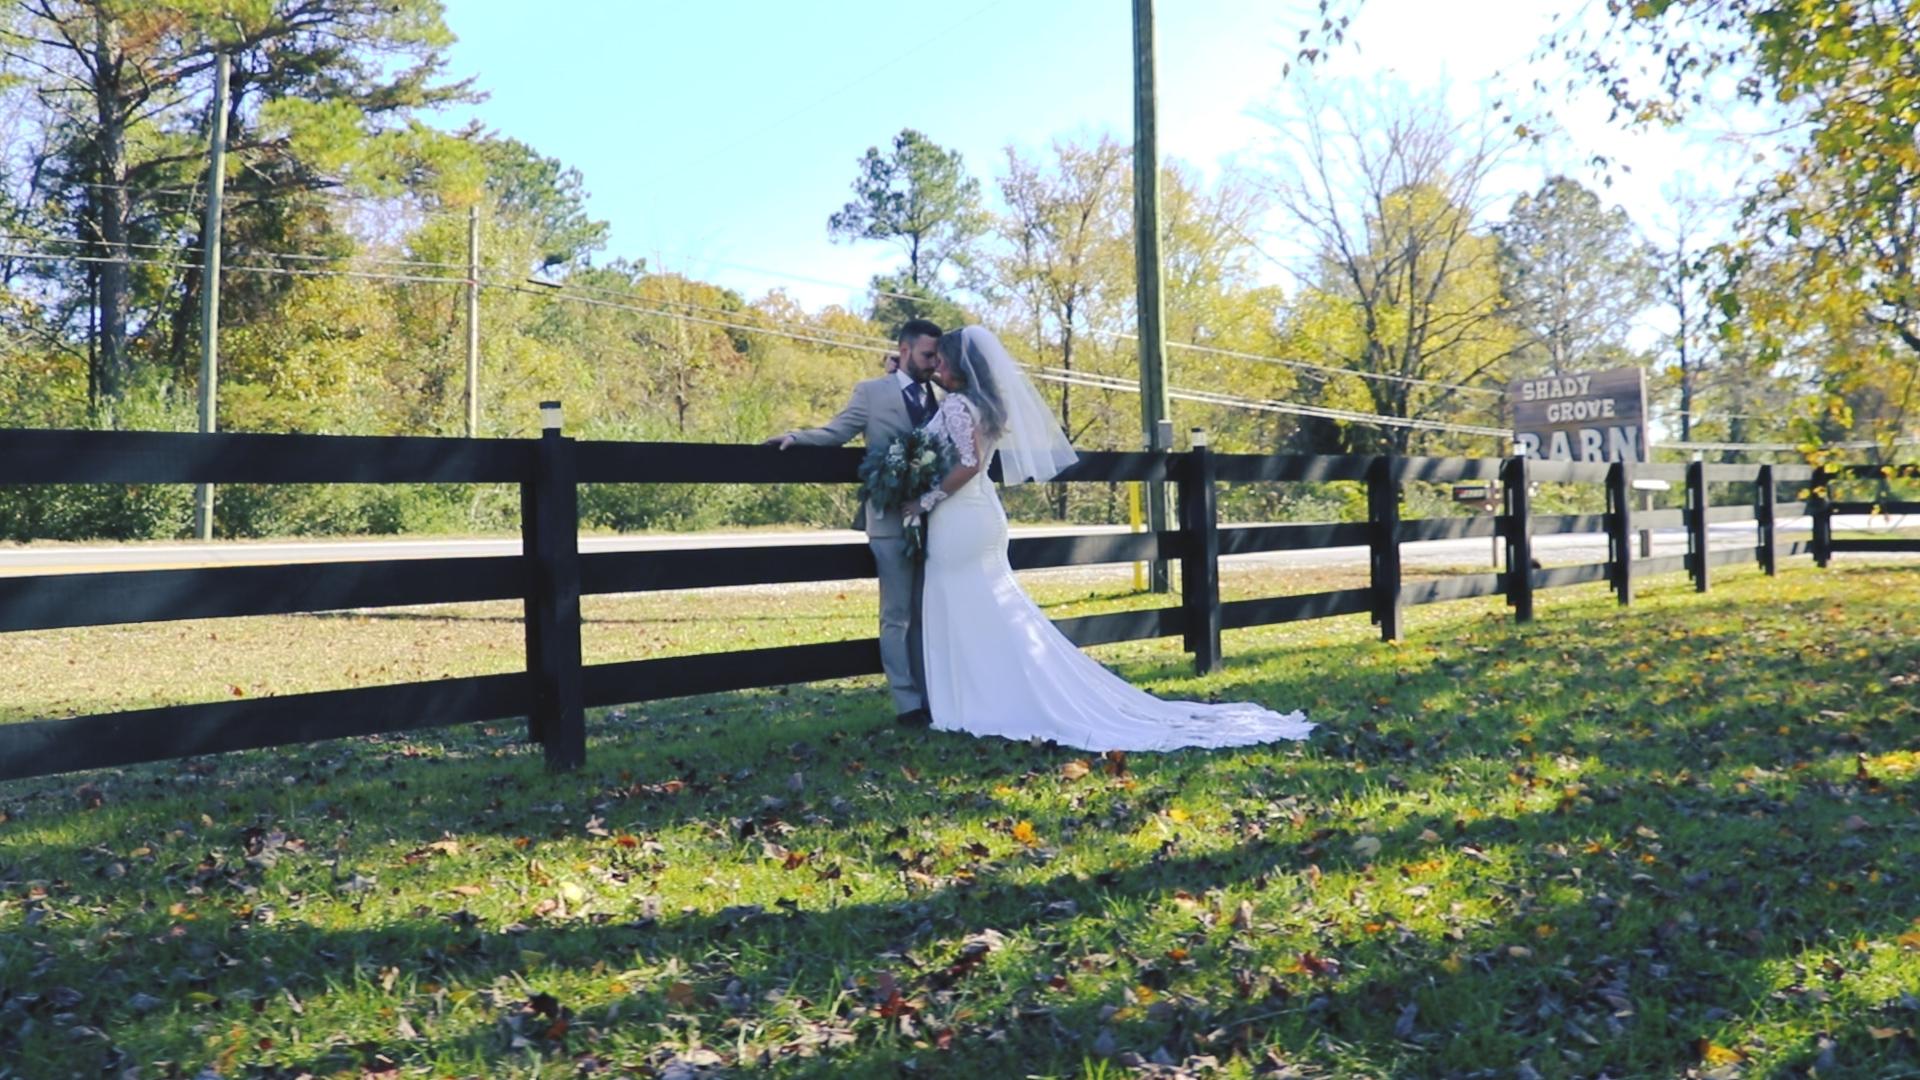 Jordan + Mary Beth | Double Springs, Alabama | The Barn at Shady Grove